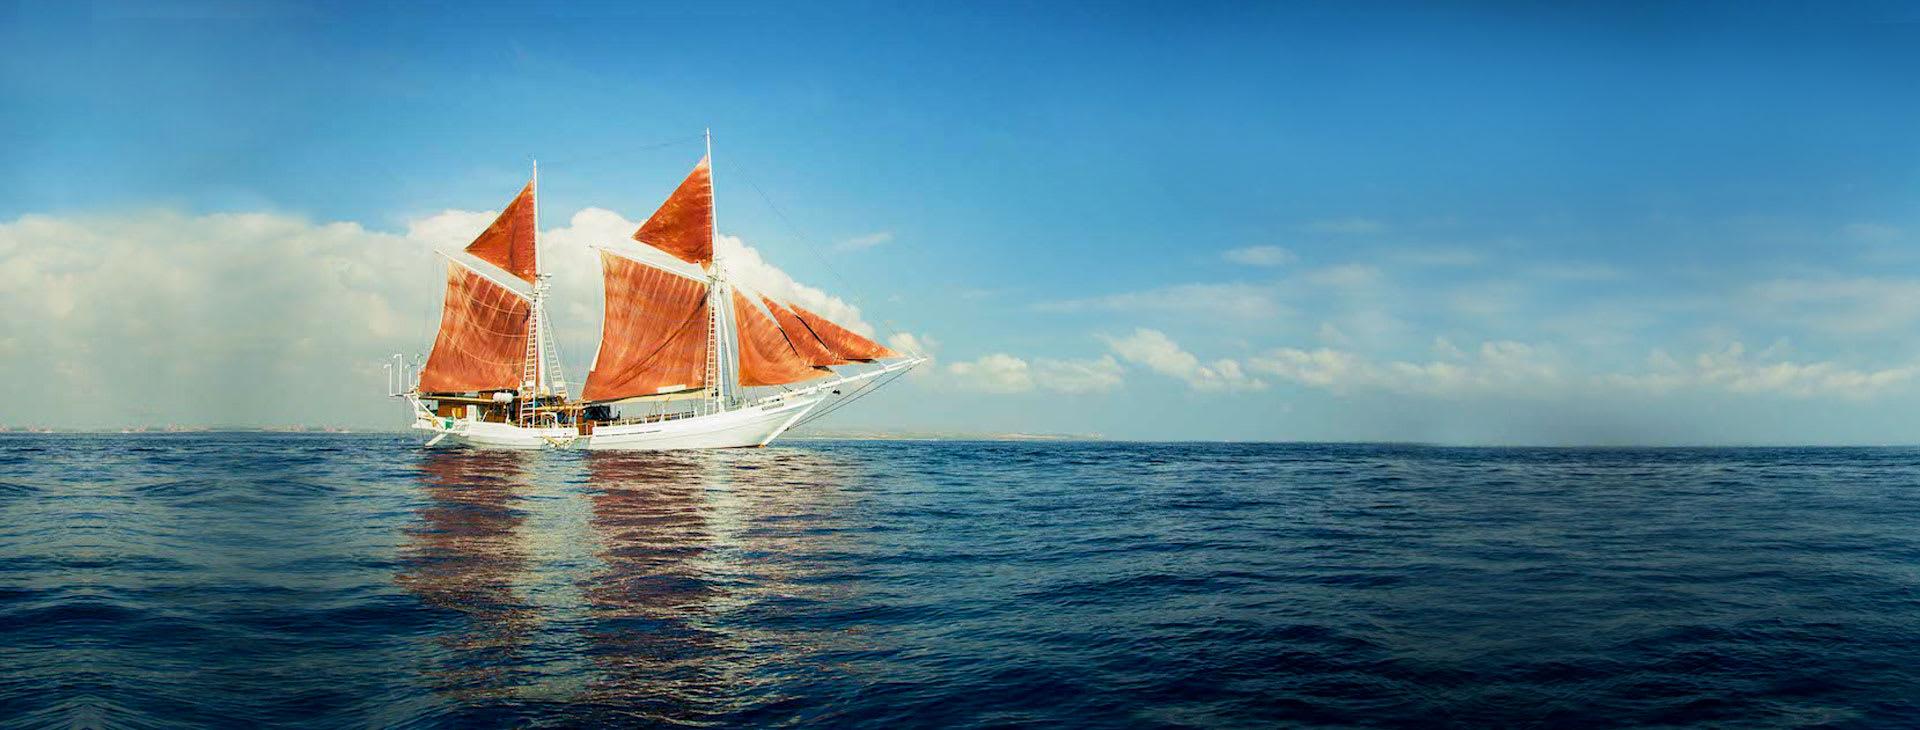 Katharina with sails up